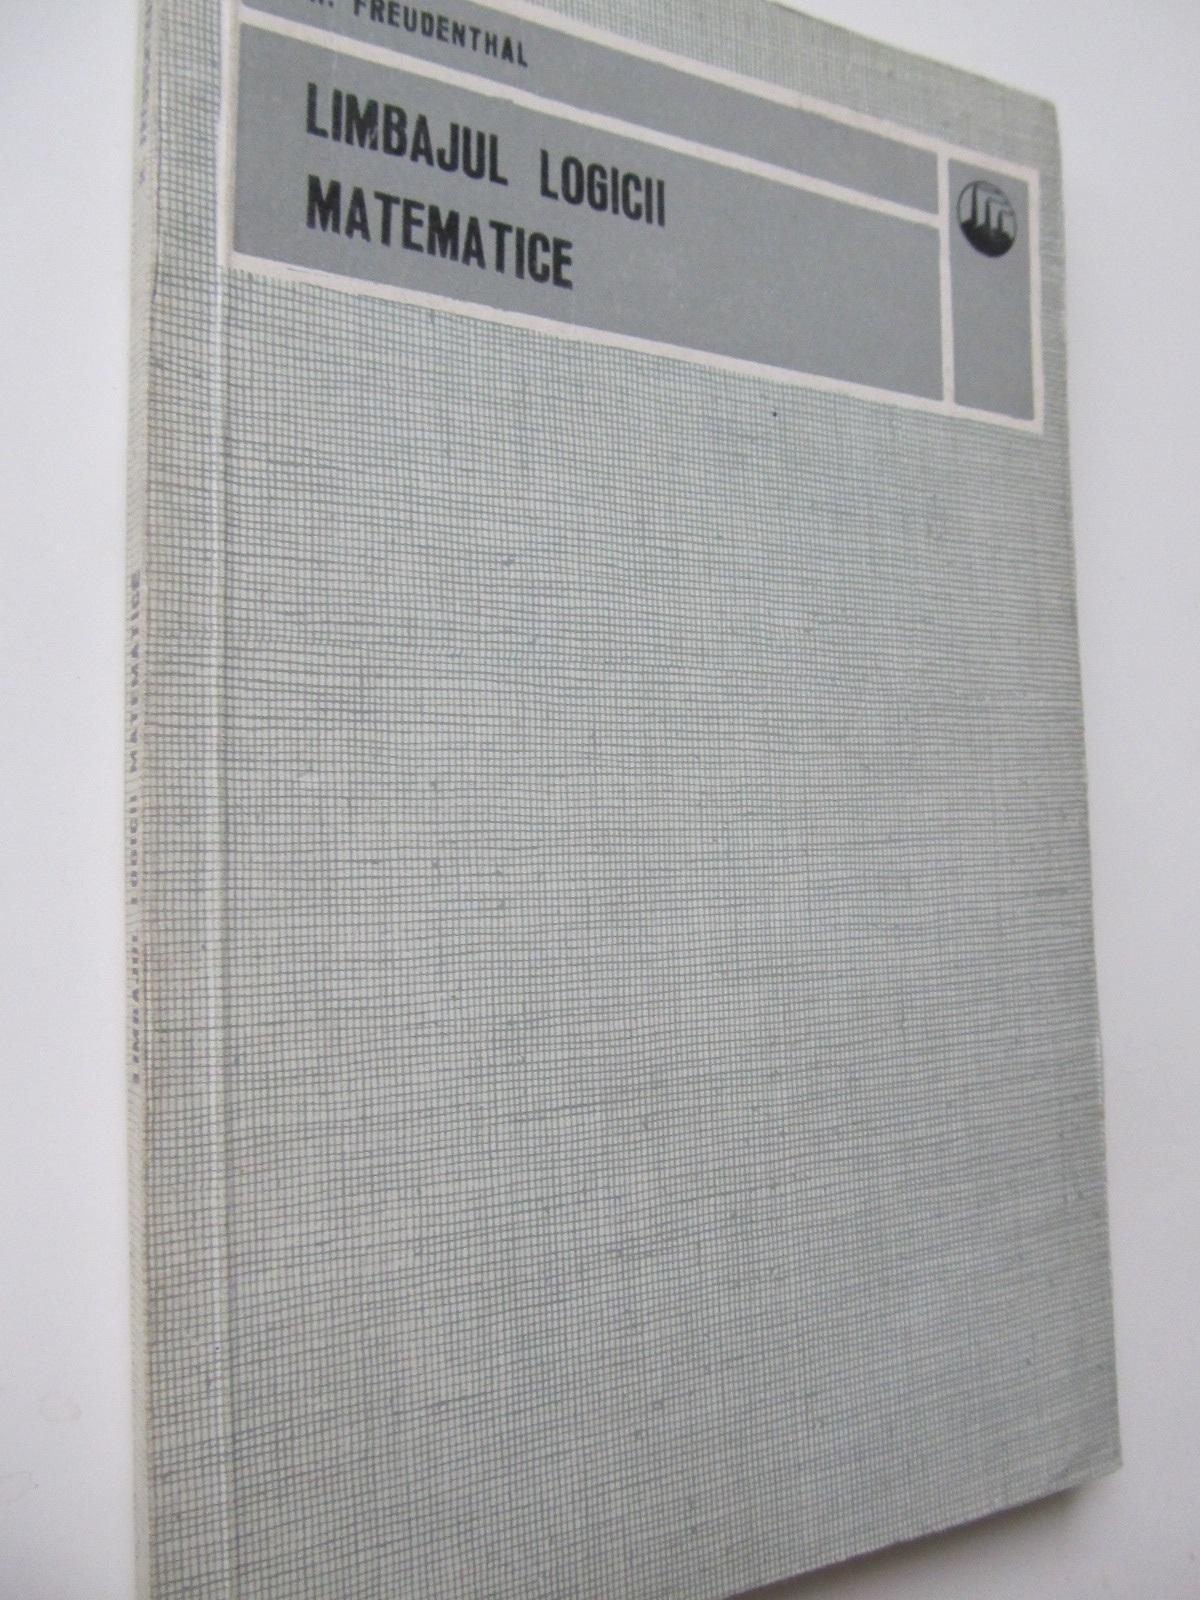 Limbajul logicii matematice - H. Freudenthal | Detalii carte